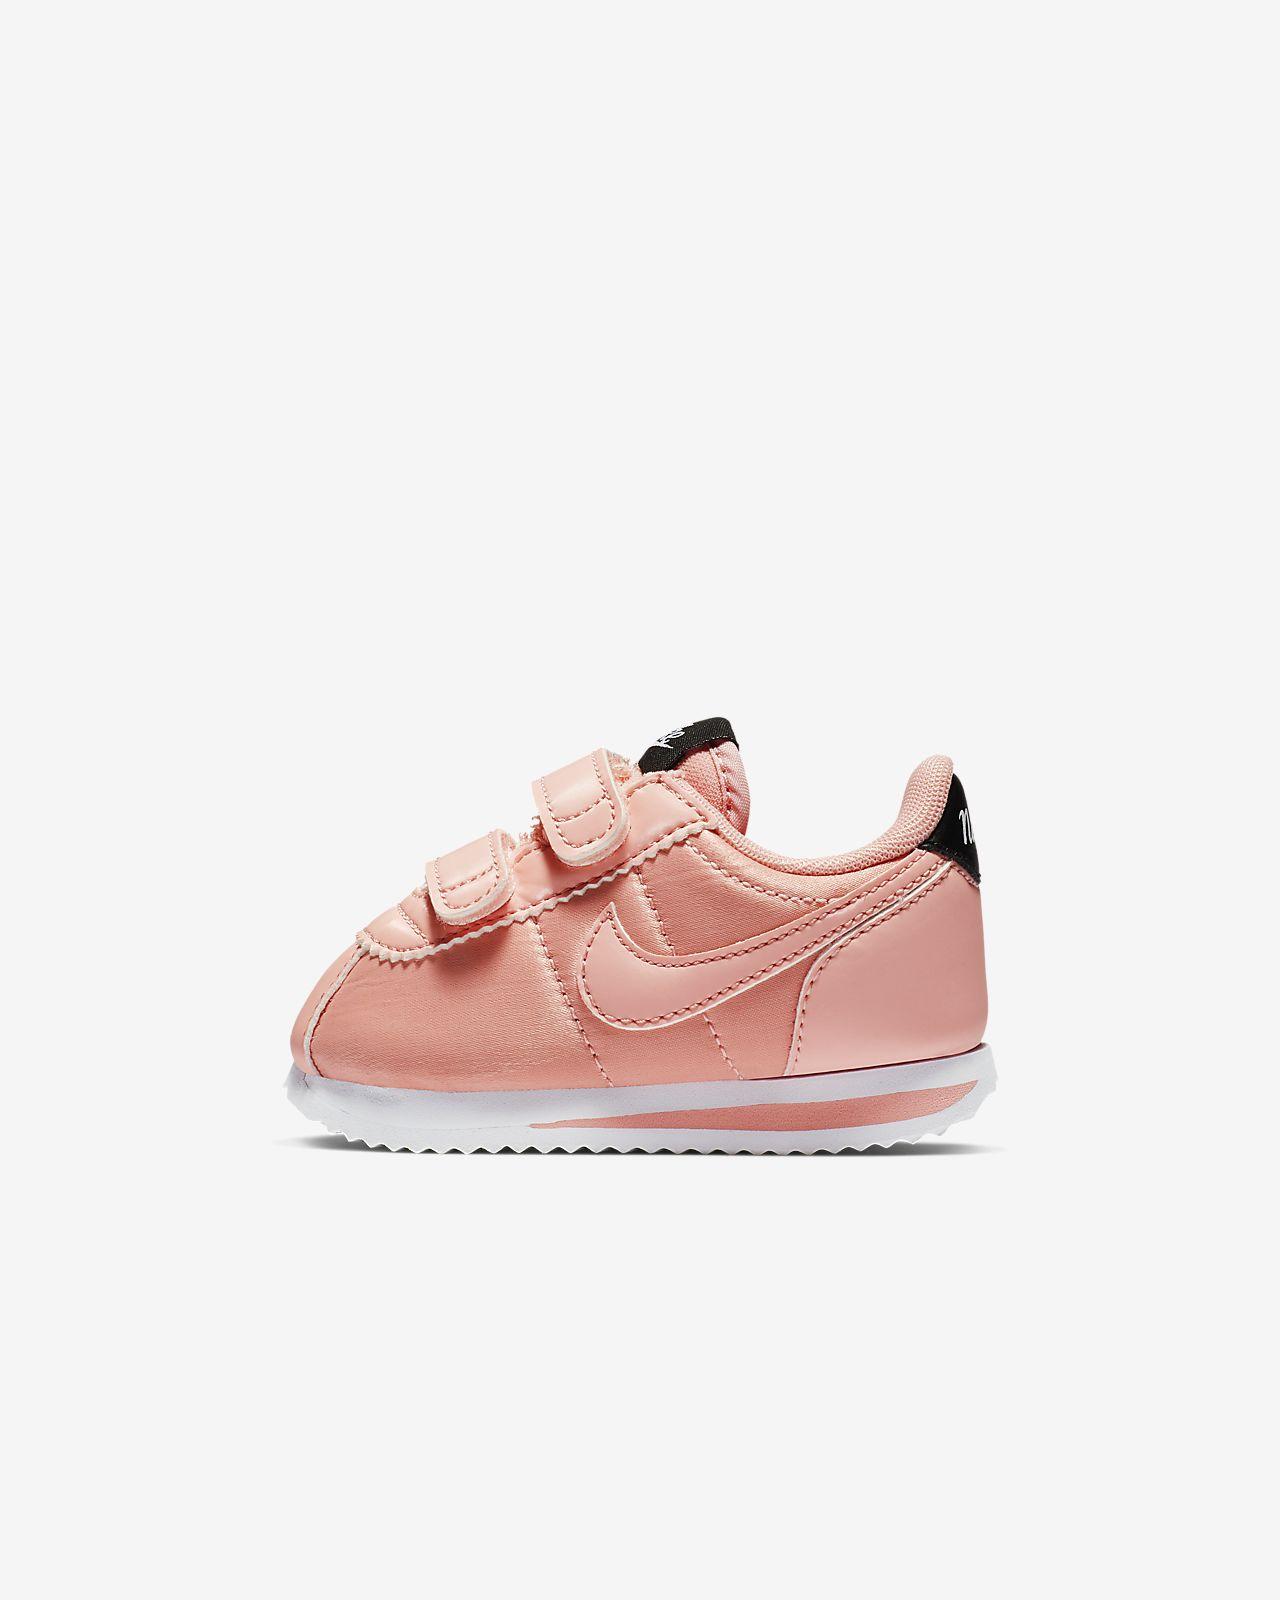 new style be71d 2e559 Infant Toddler Shoe. Nike Cortez Basic TXT VDAY